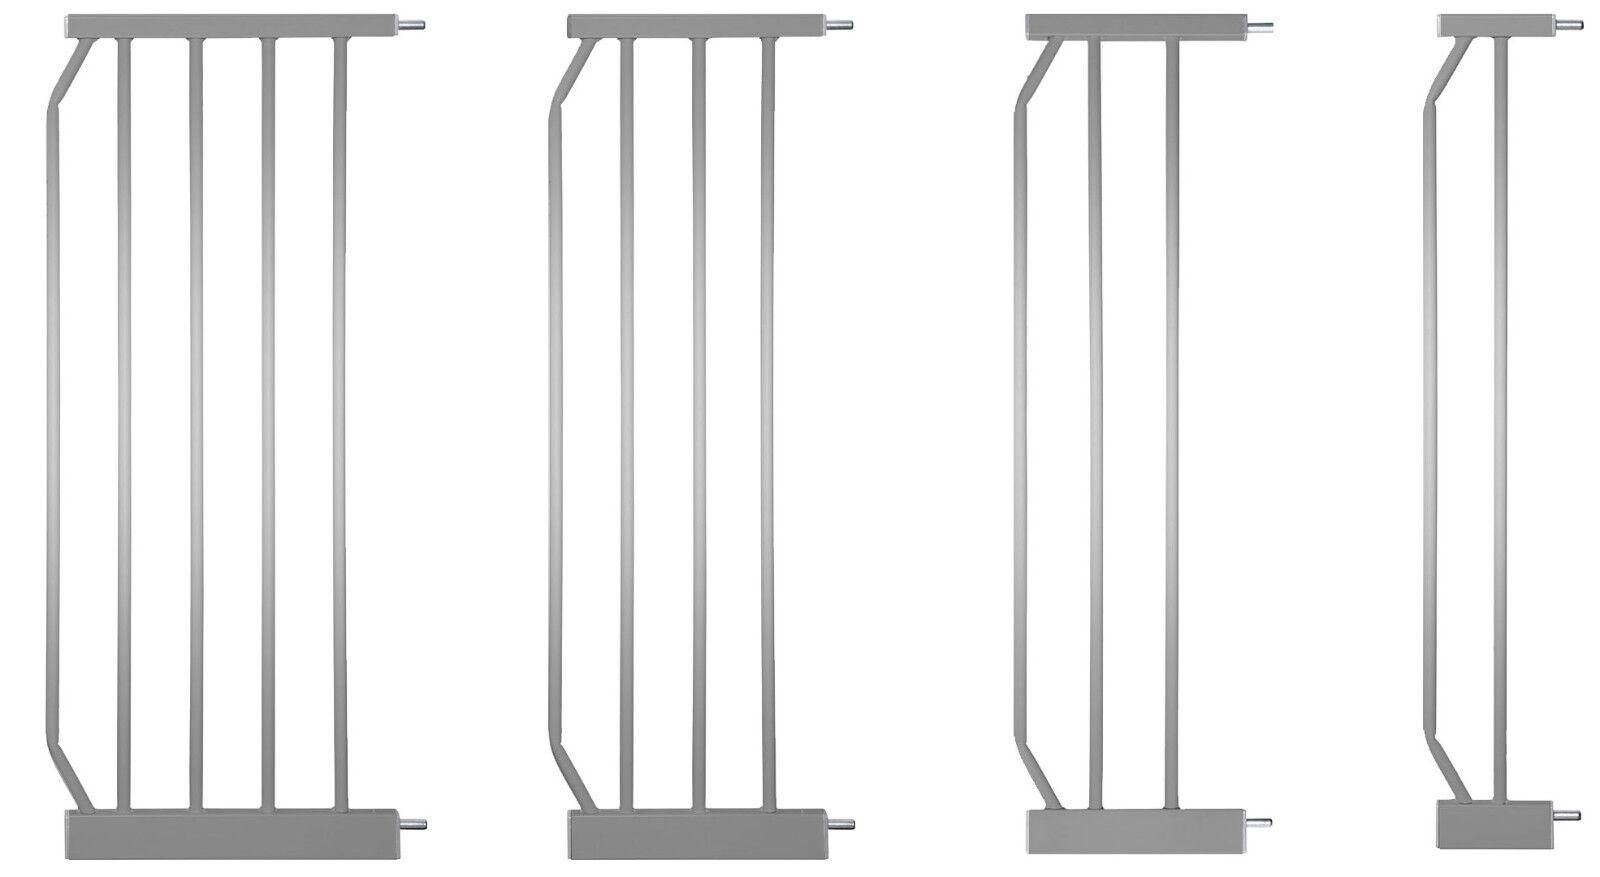 Erweiterungen: Tür- & Treppengitter MIKA SILBER Verlängerung Y-Adapter U-Profil